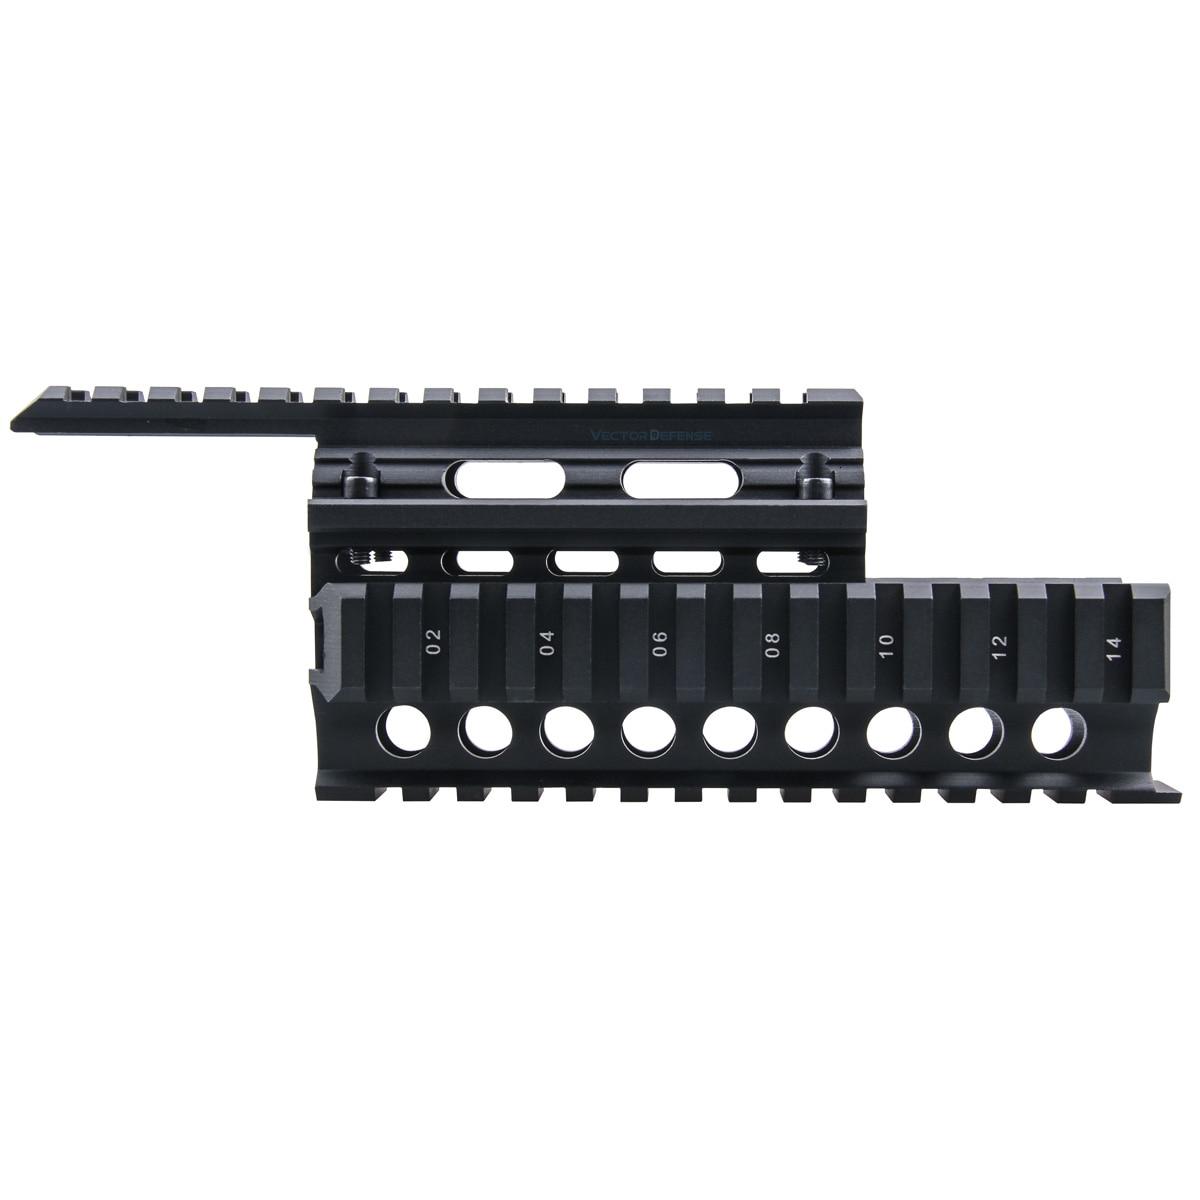 Векторная оптика AK 47 AK74 защита рук 20 мм Пикатинни Quad Rail система крепление крышка охранники/